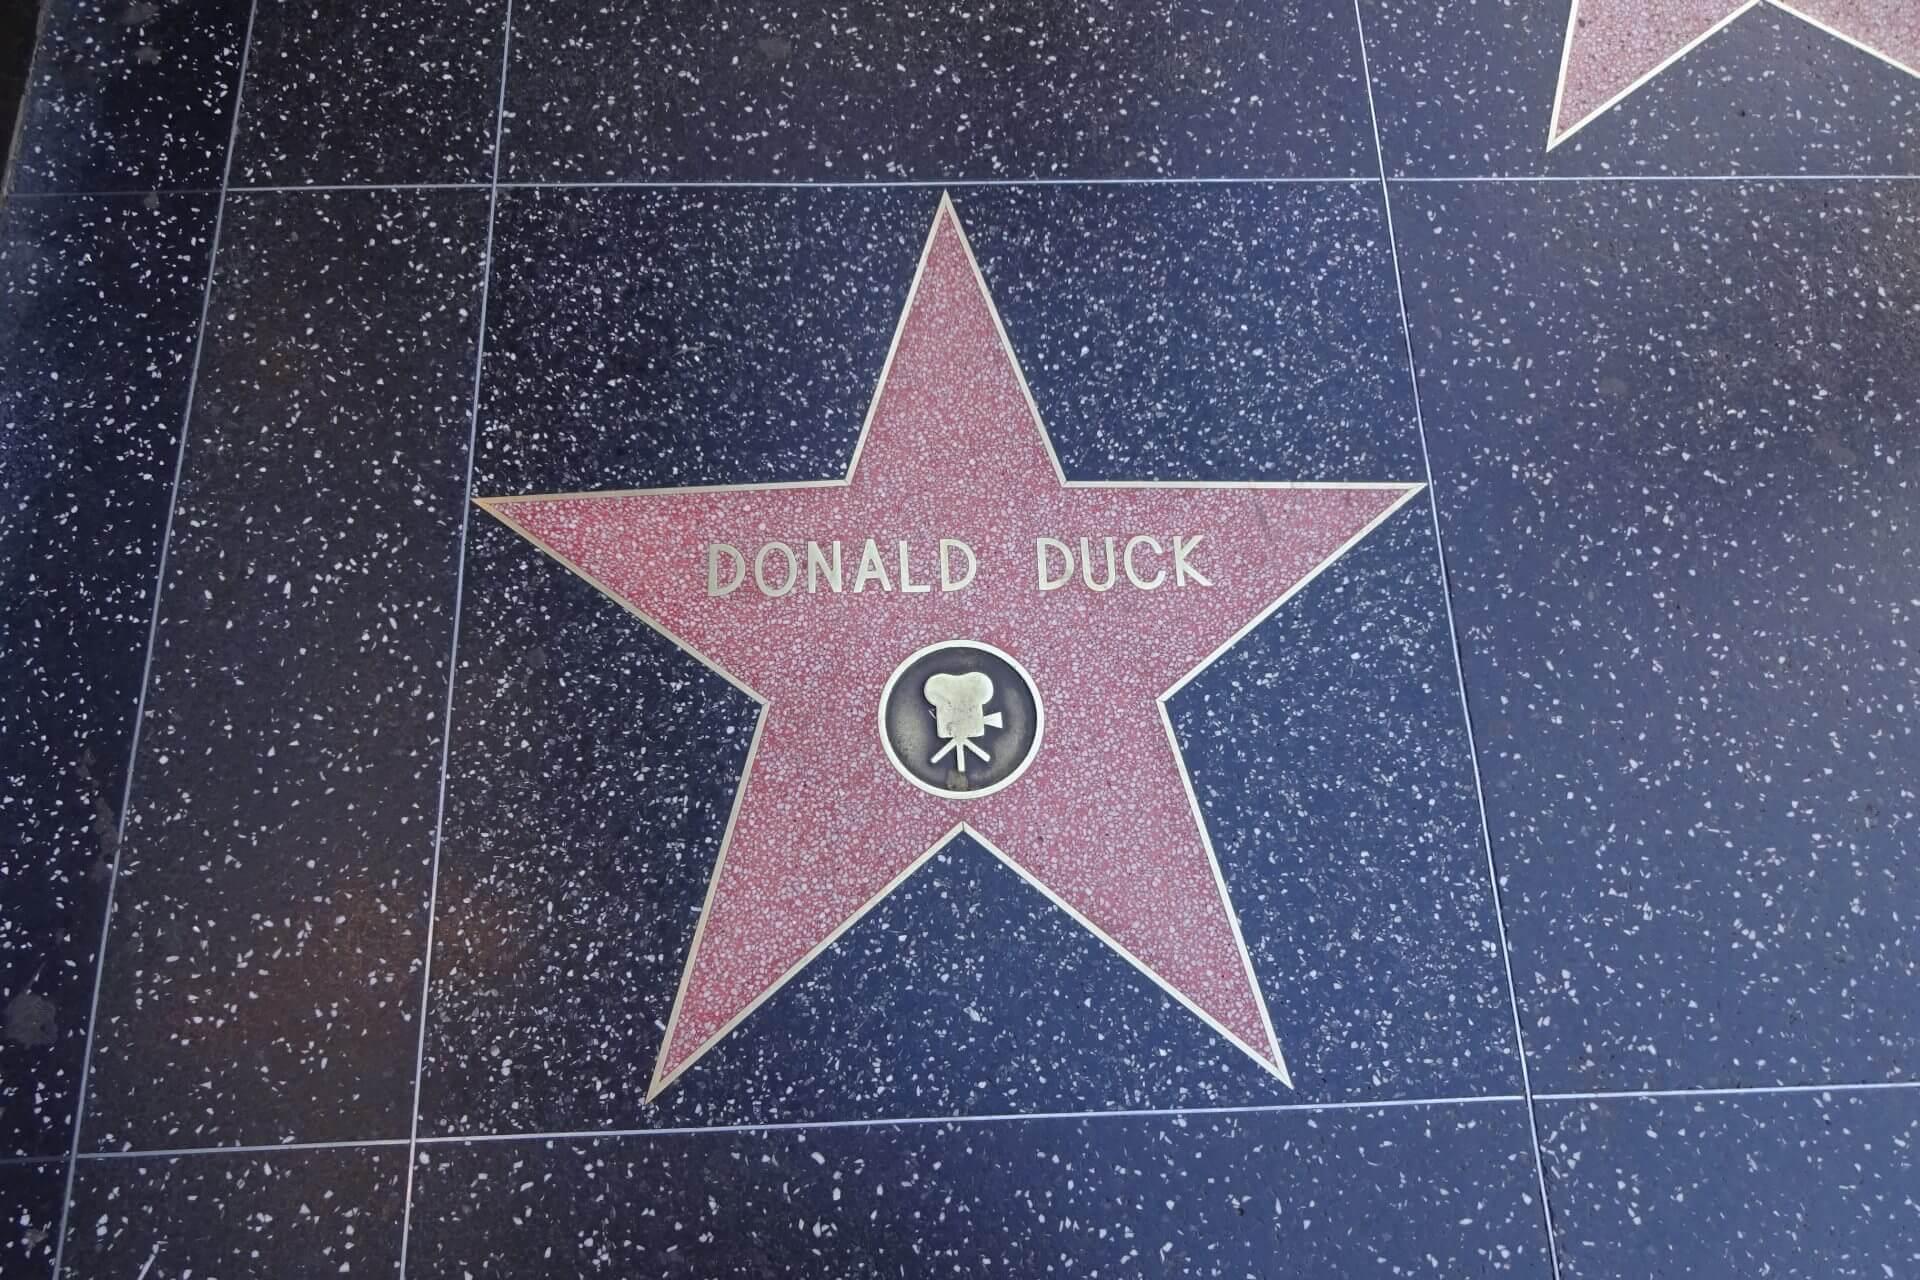 Stern auf dem Walk of Fame. Bilder und Eindrücke aus Los Angeles und Hollywood, Kalifornien, USA.